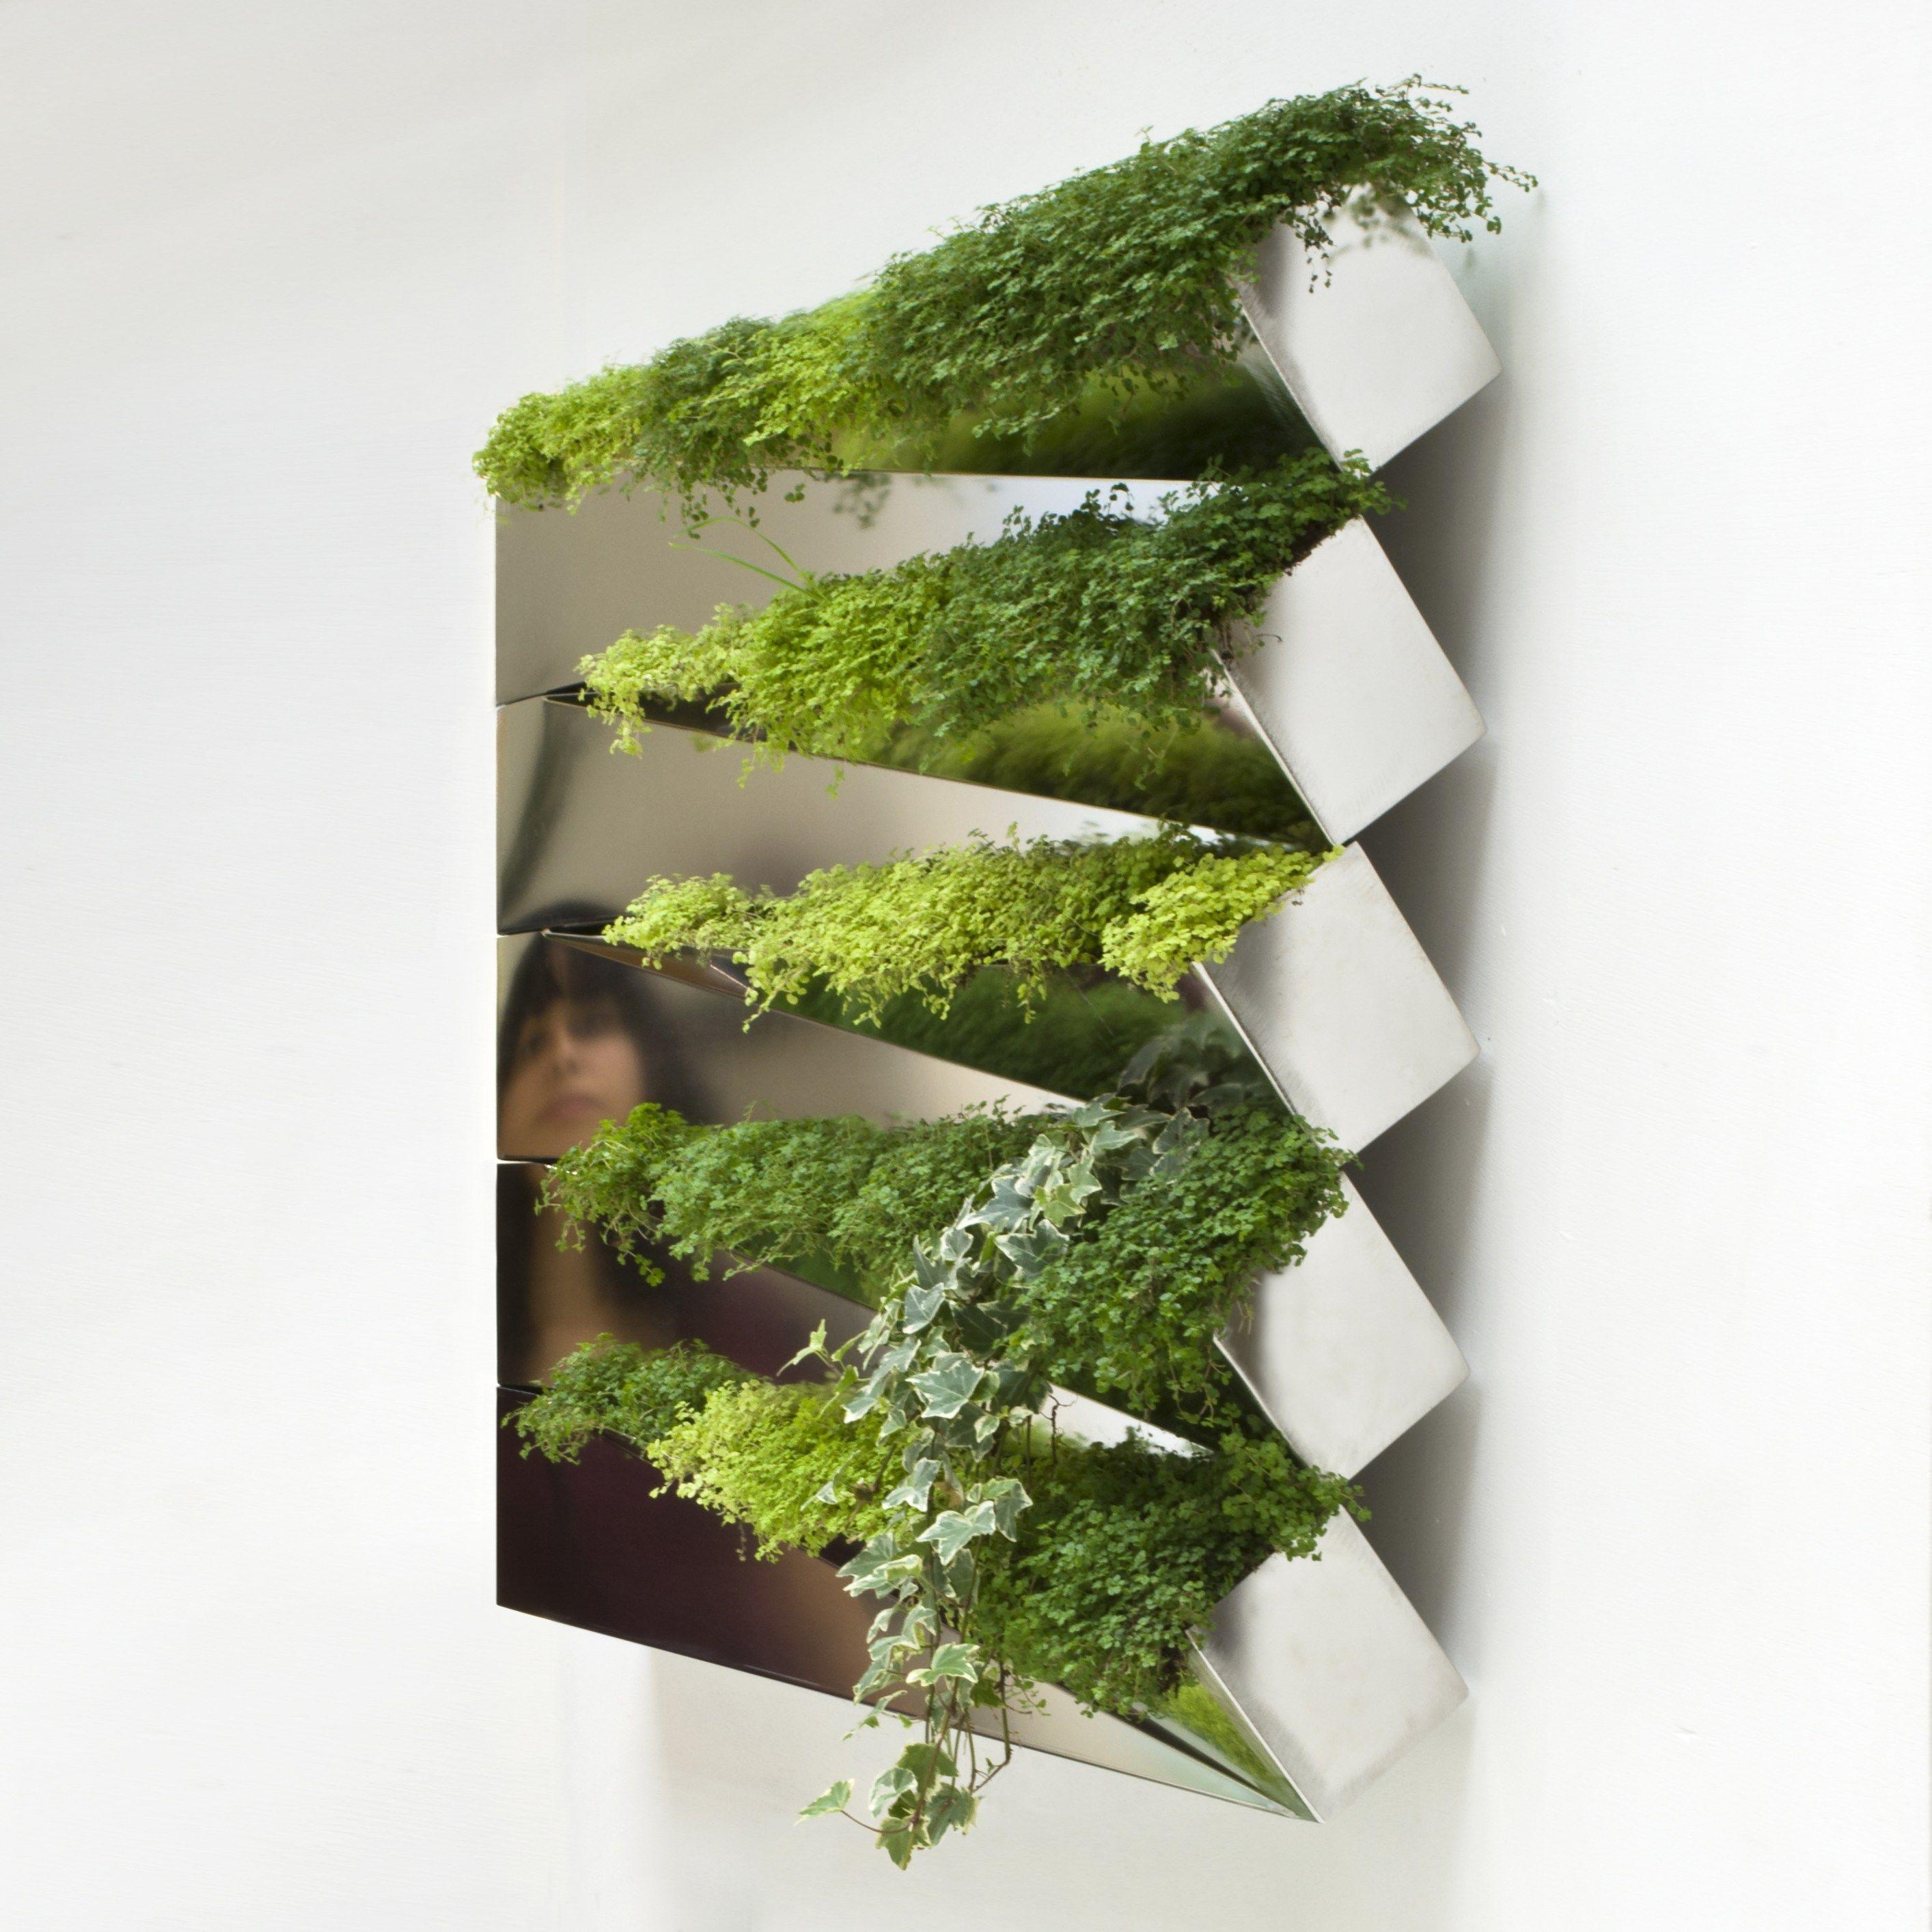 stainless steel vase miroir en herbe by compagnie design jean  - stainless steel vase miroir en herbe by compagnie design jeanjacques hubert